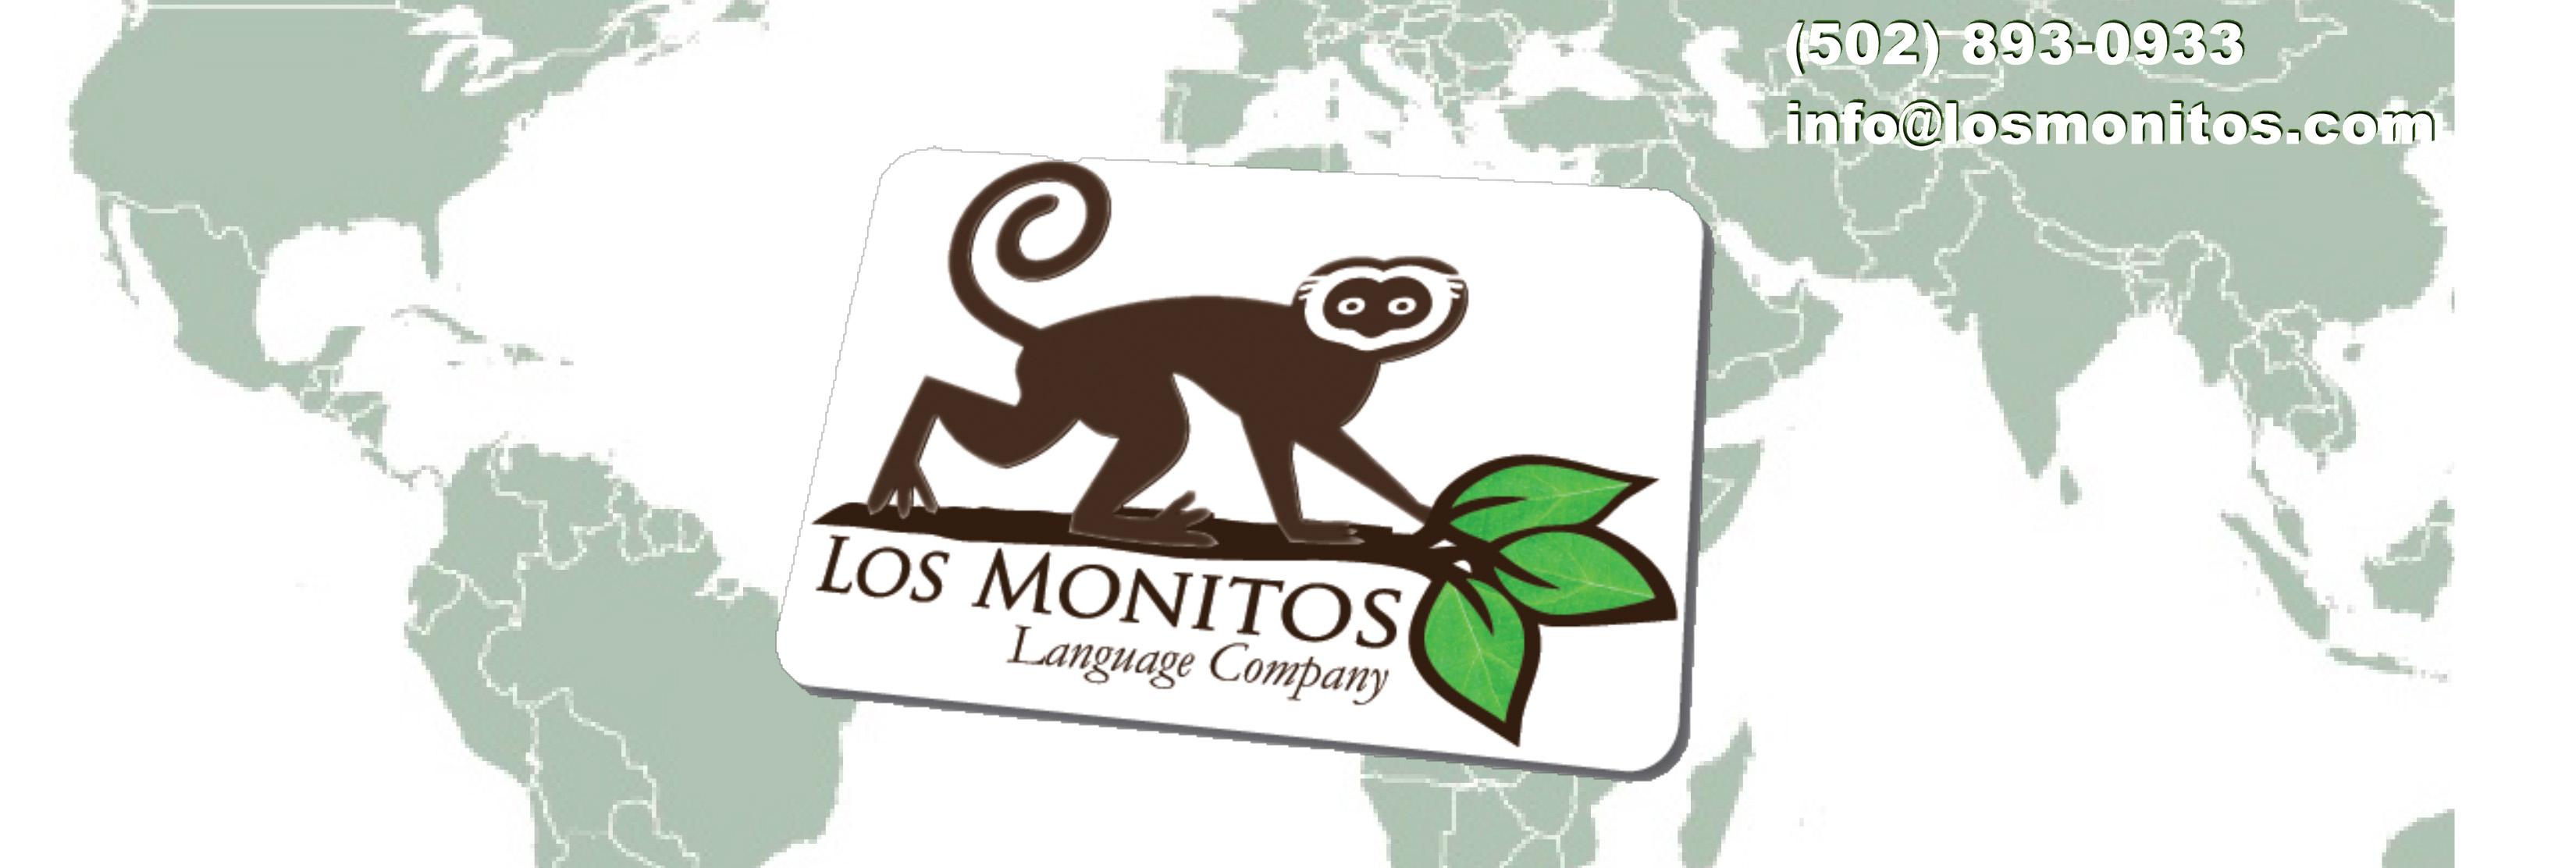 Los Monitos Language Company logo